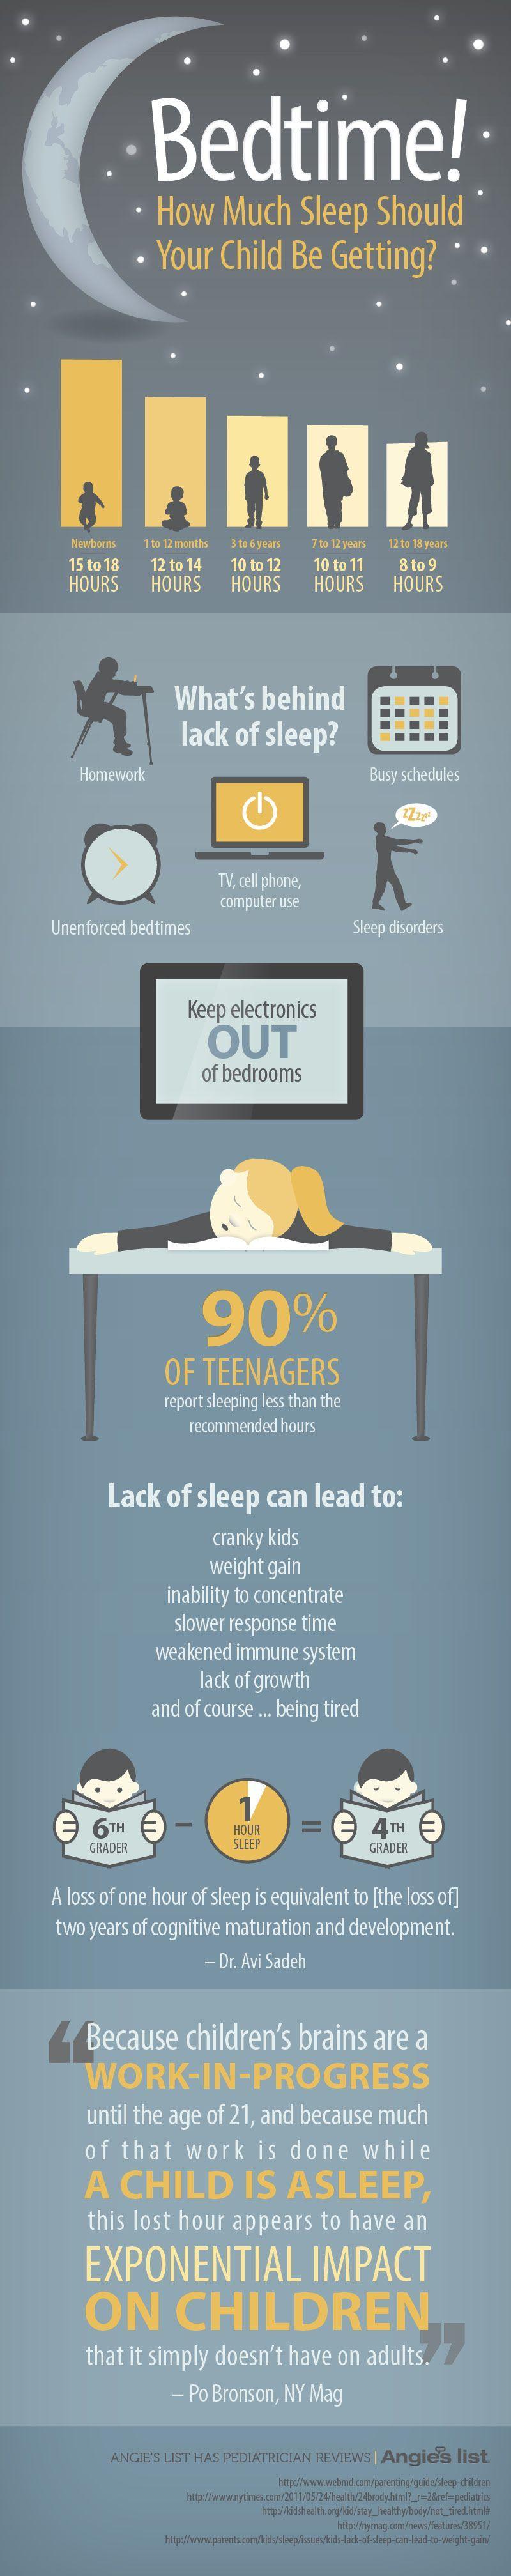 should kids get less homework